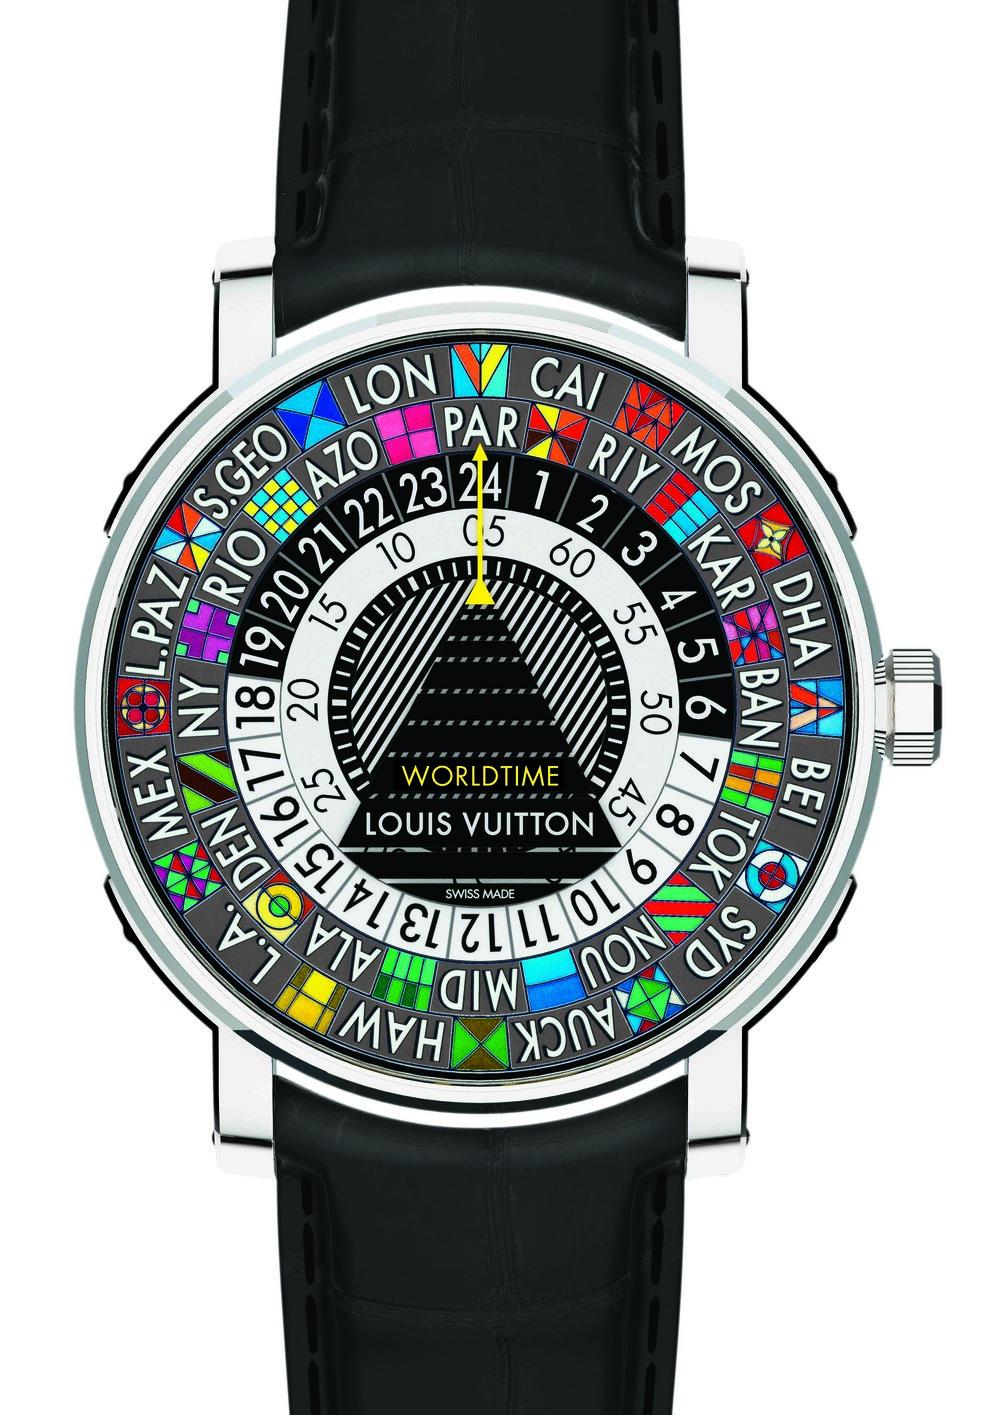 Louis Vuitton World Timer